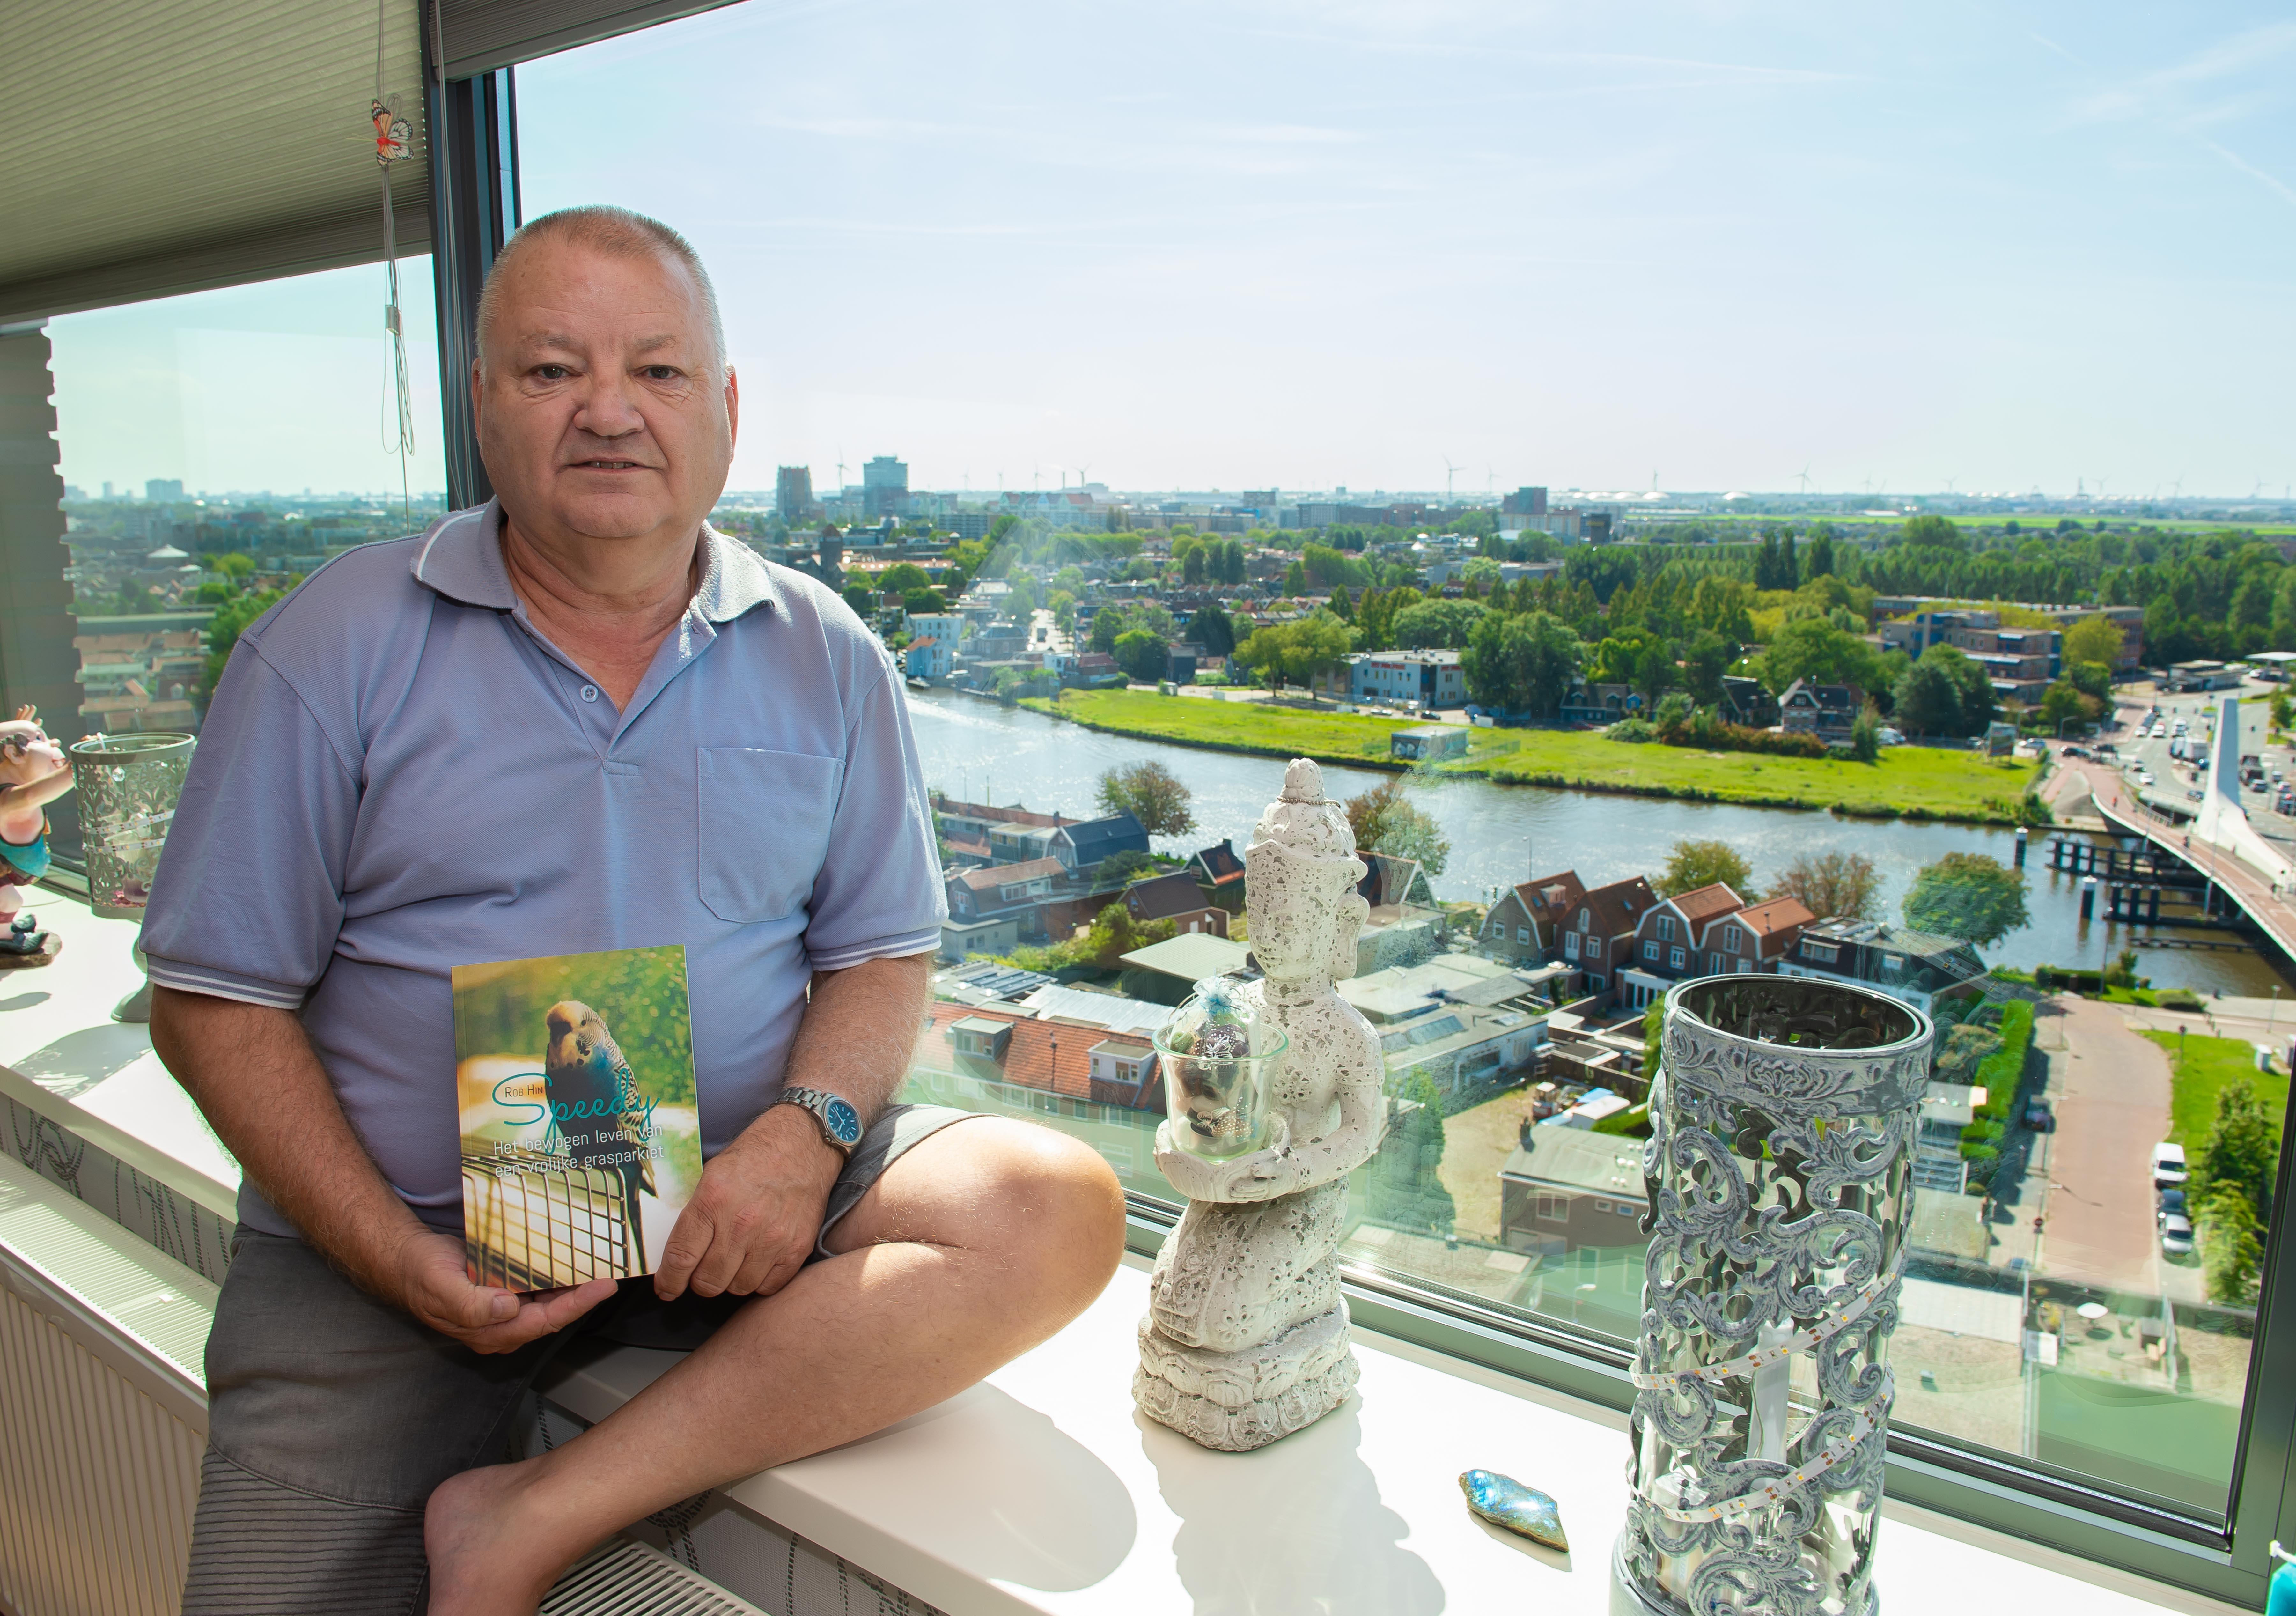 Vertellingen van vrolijke blauwe grasparkiet in boekje 'Speedy': vliegend rond de flat en mee naar de camping